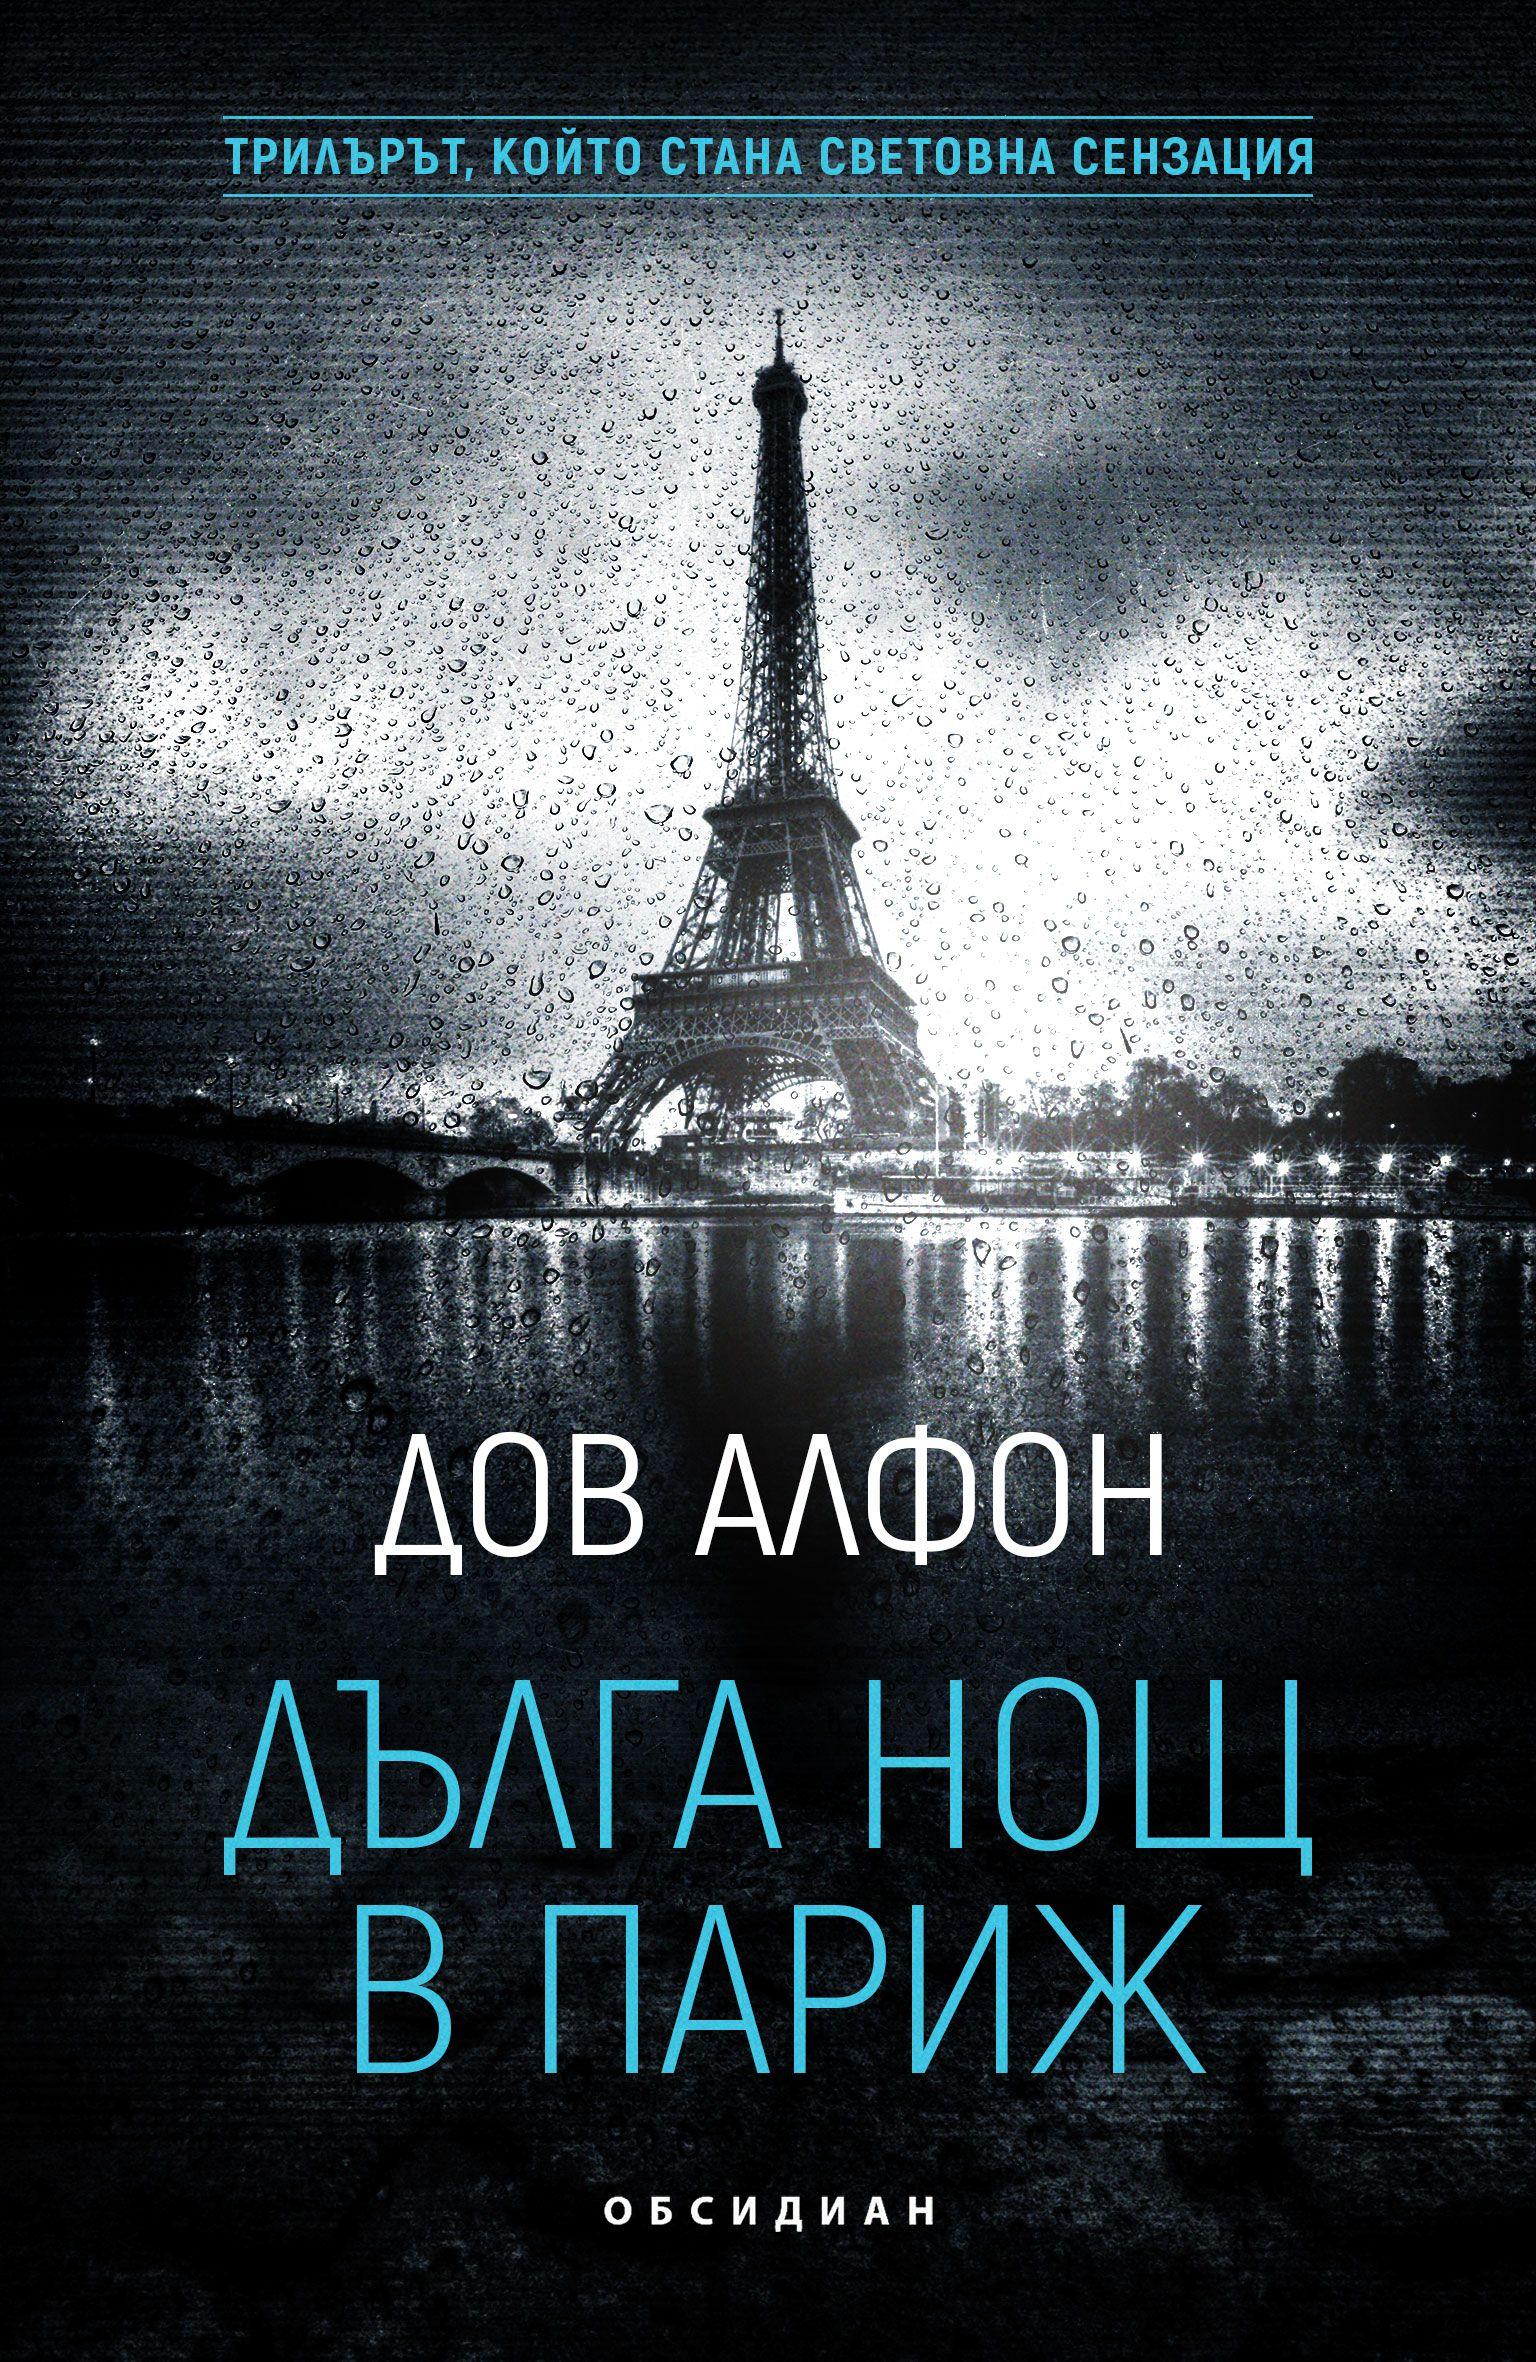 Дълга нощ в Париж - 1